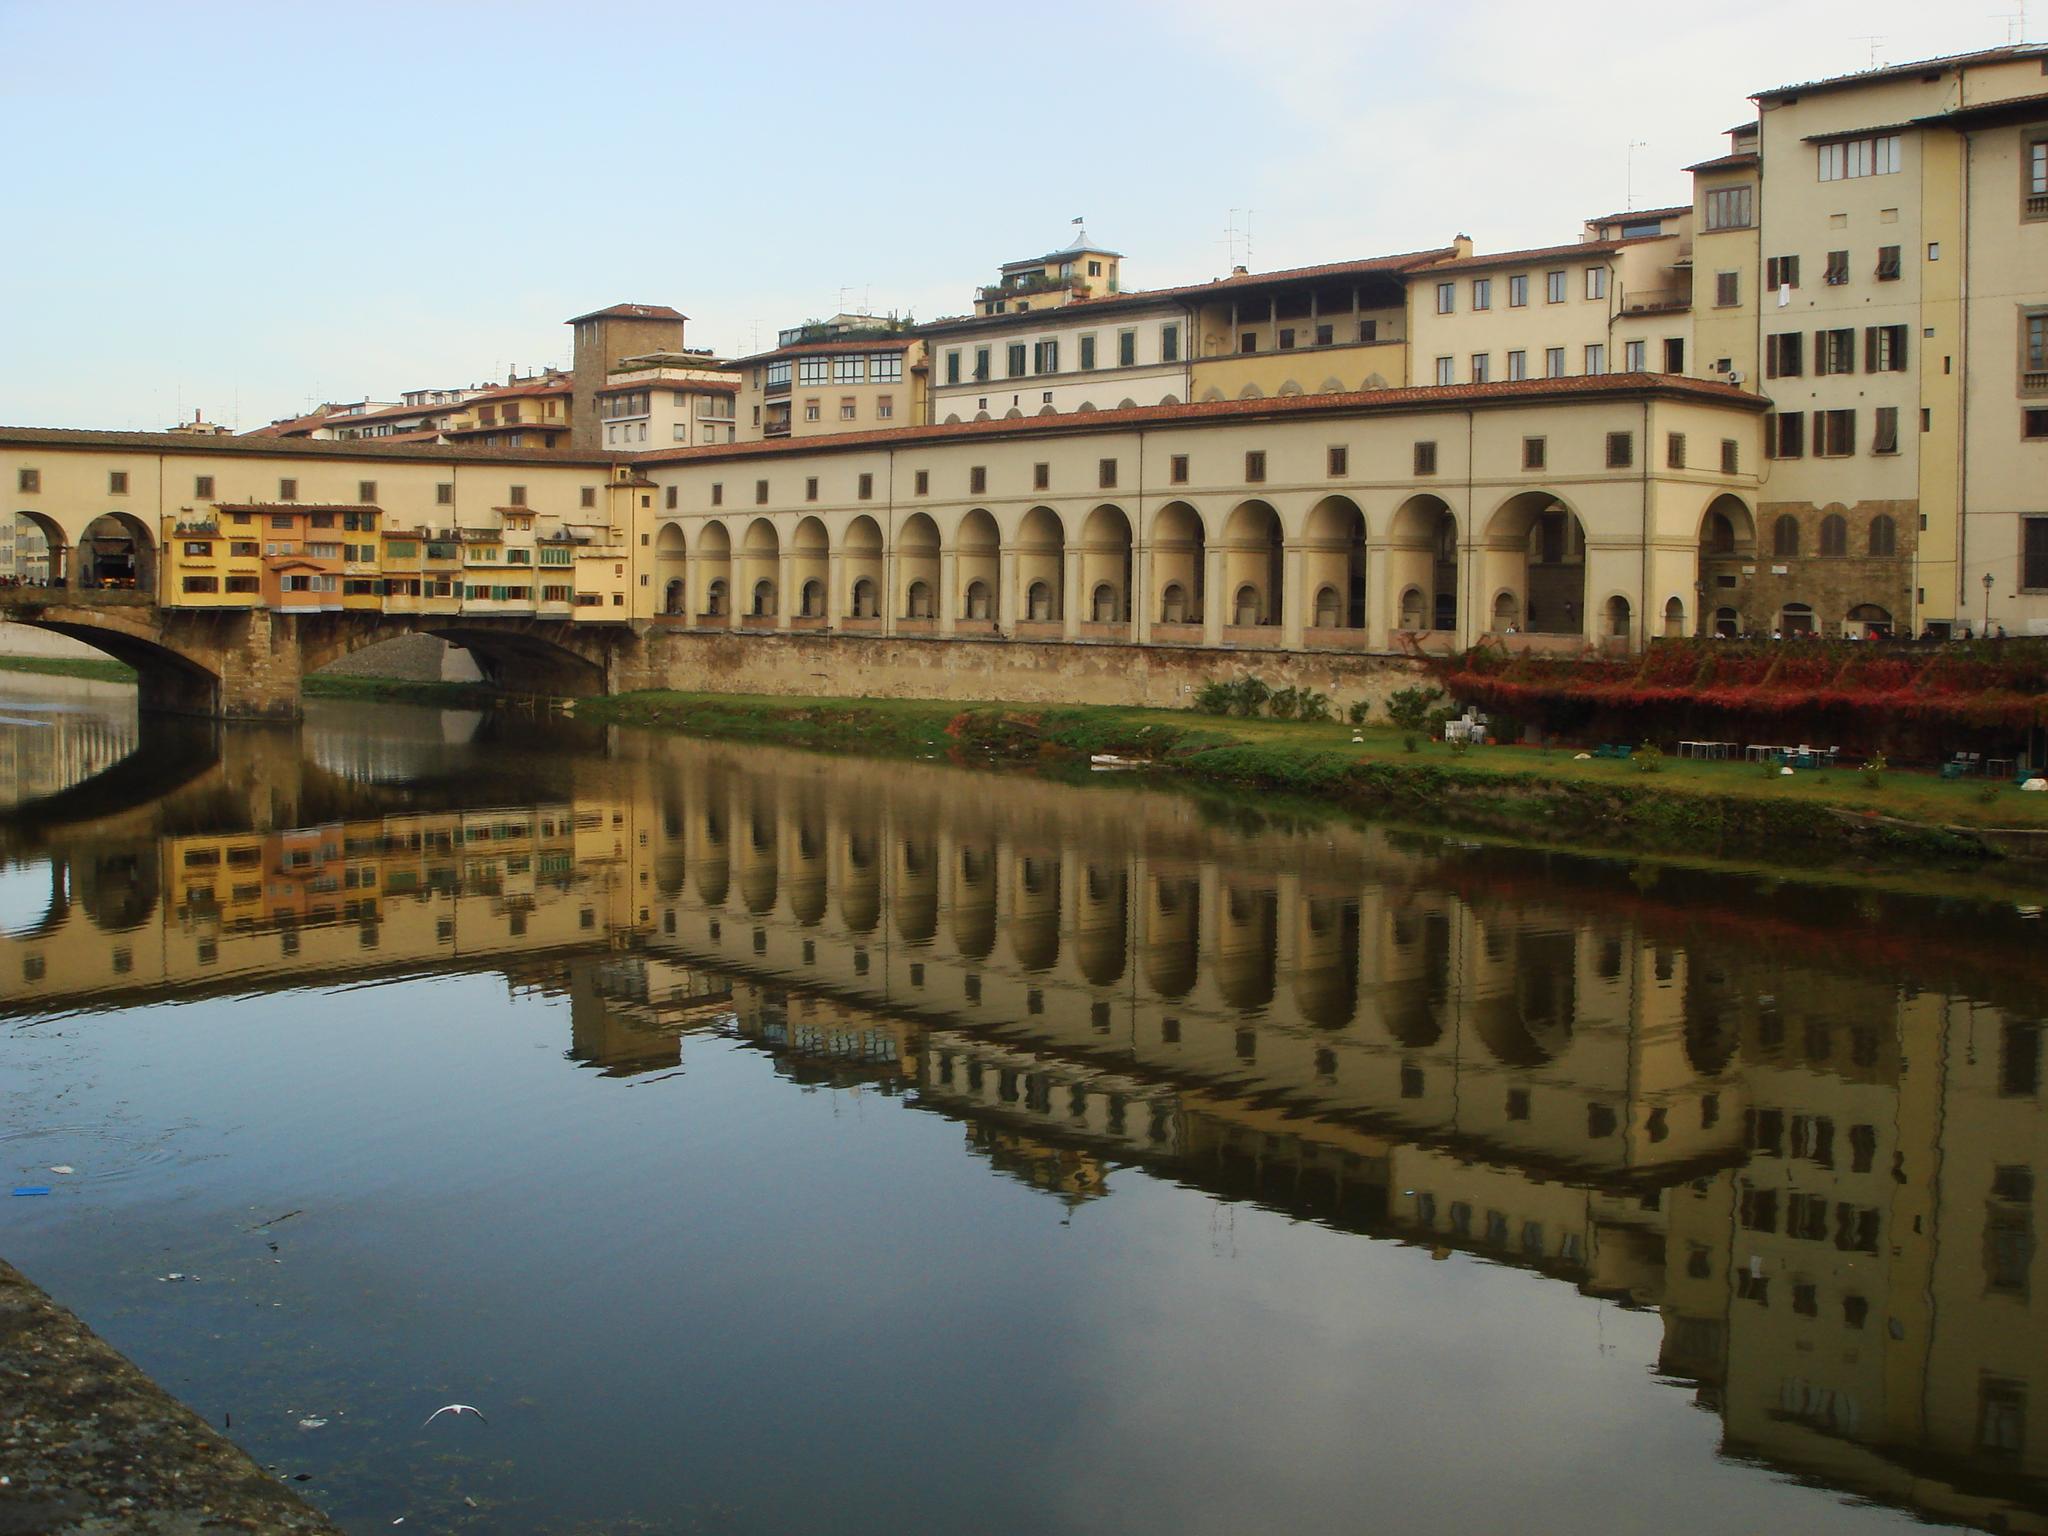 9754 - Firenze - L'Arno e gli Uffizi - Foto Giovanni Dall'Orto, 27-Oct-2007.jpg